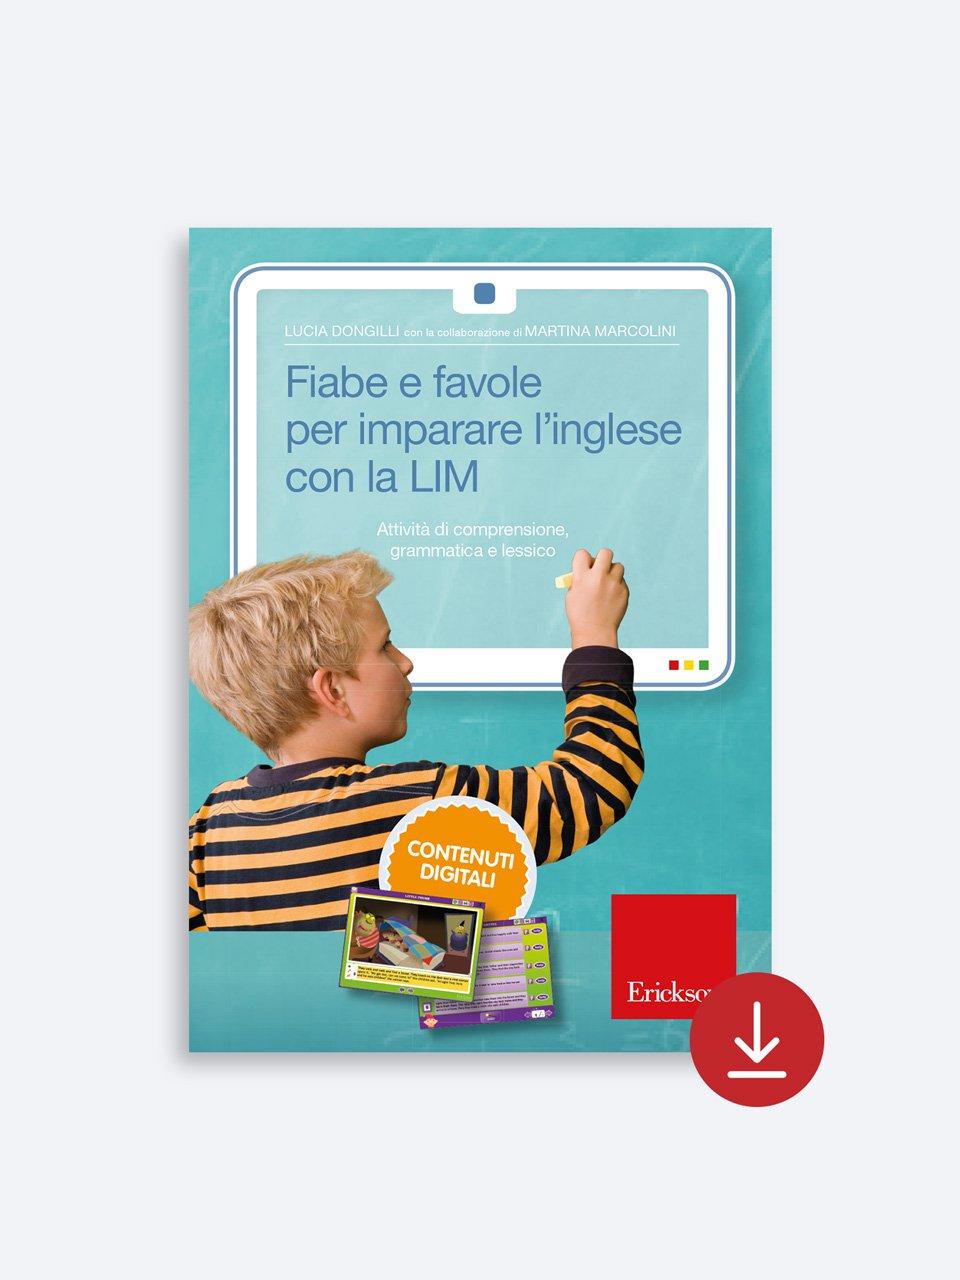 Fiabe e favole per imparare l'inglese con la LIM - My First Word Games - App e software - Erickson 2